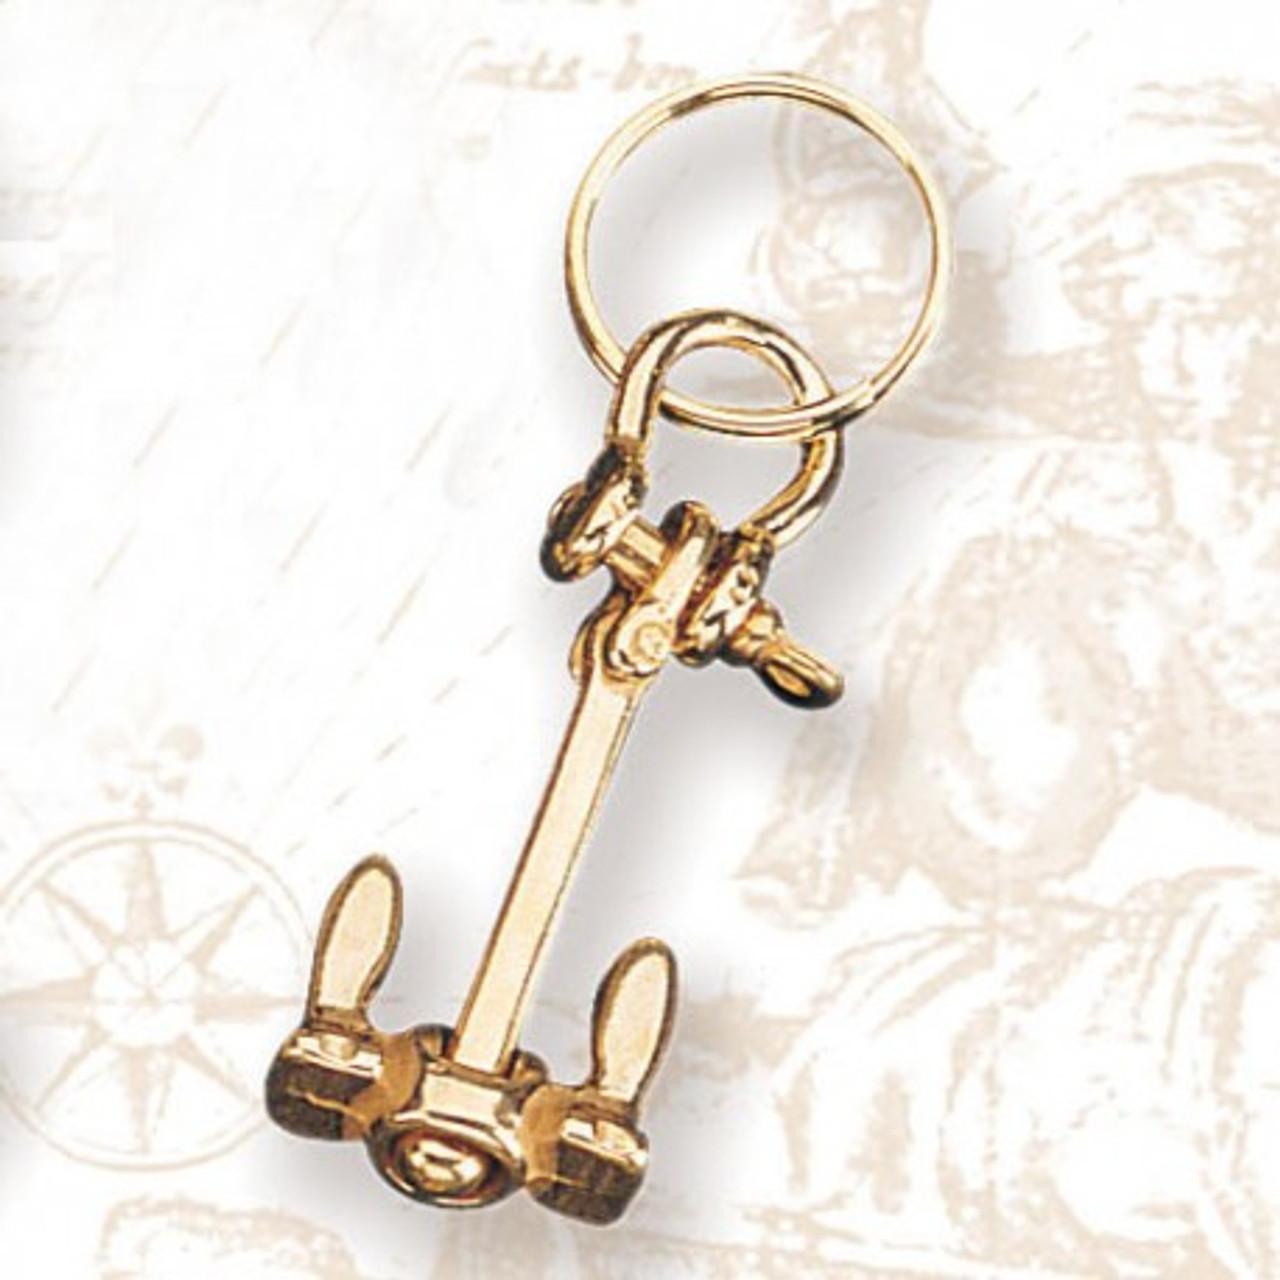 Brass Key Chain - Anchor Chain #3